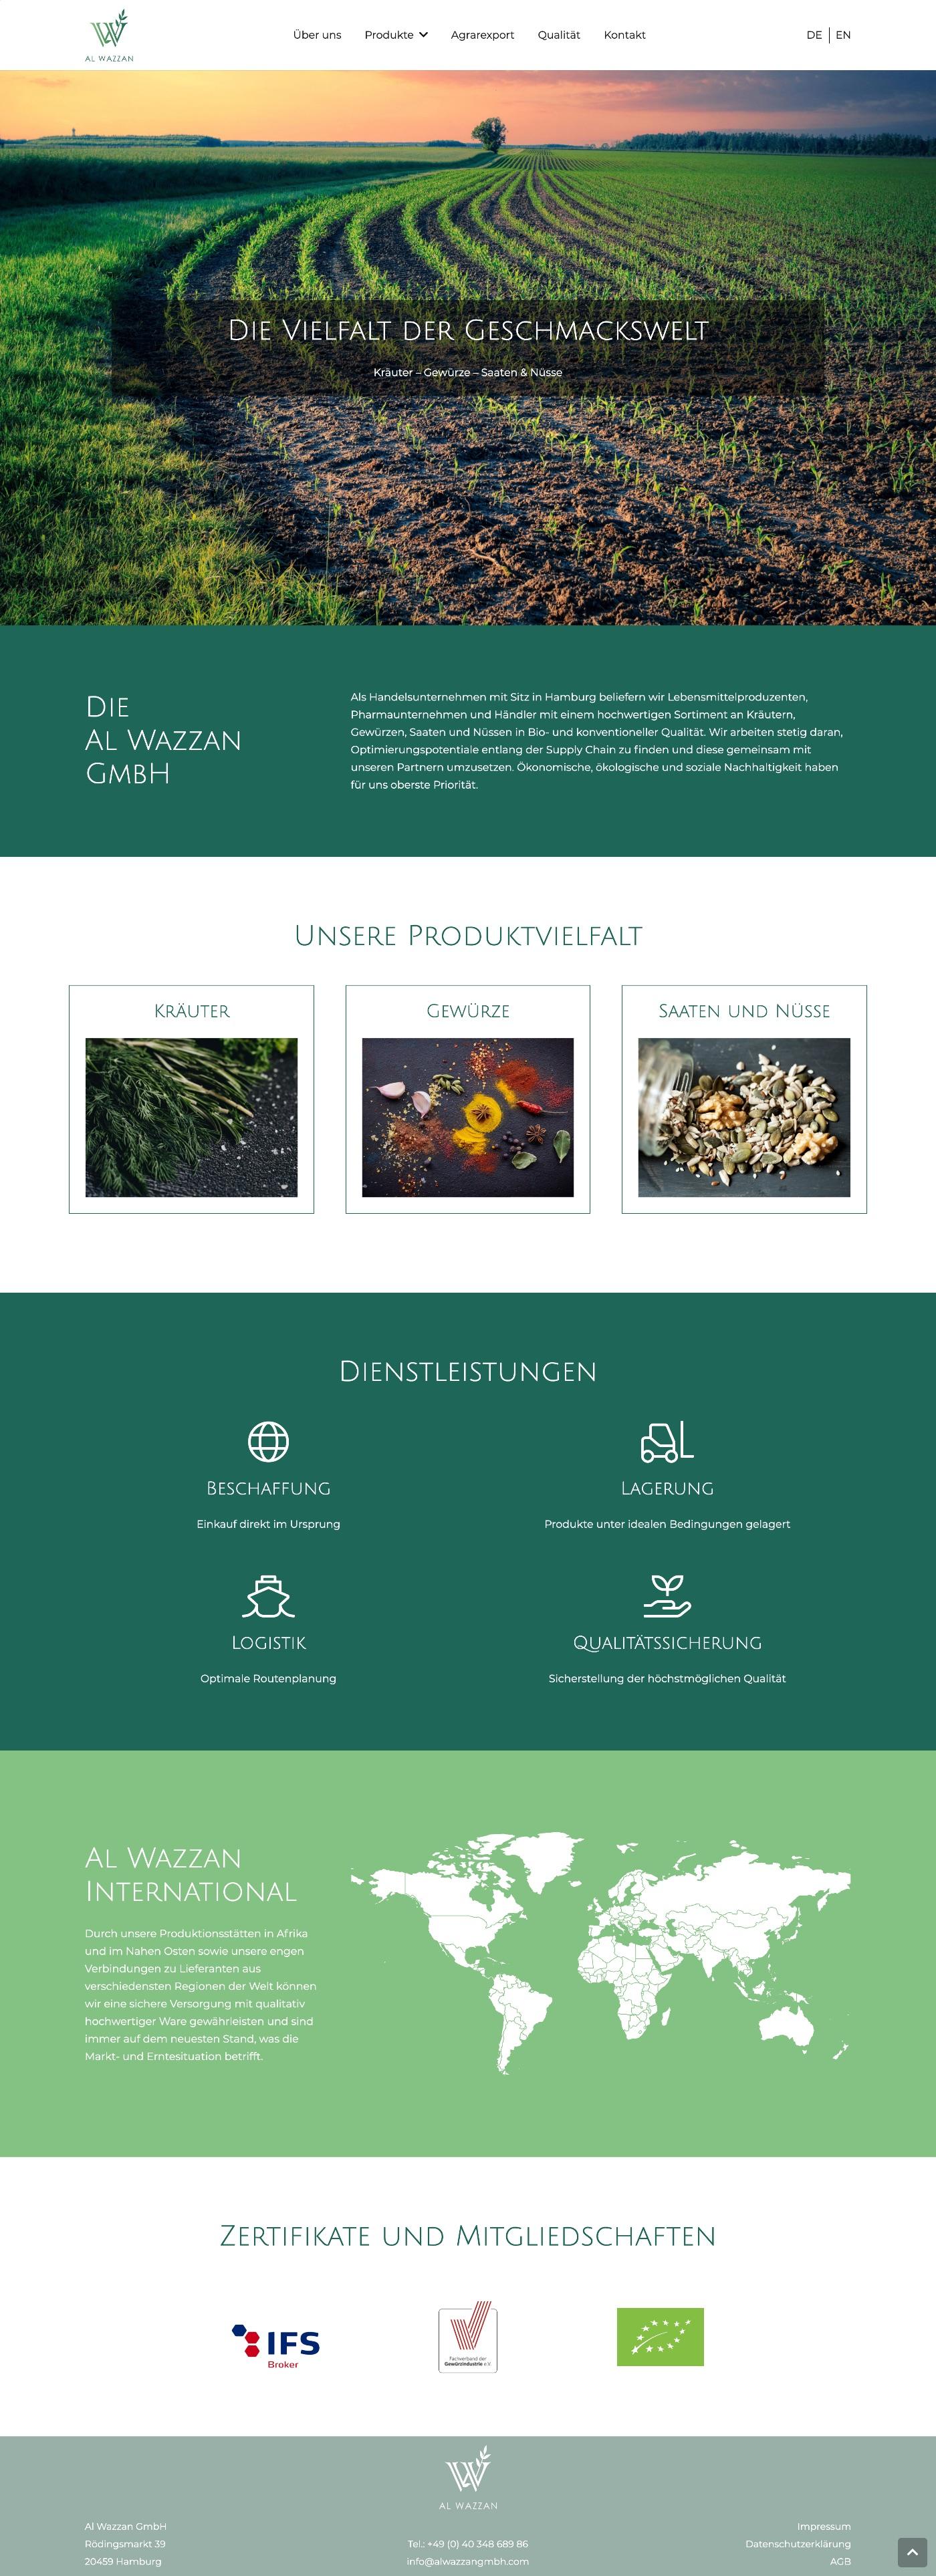 Al Wazzan GmbH - Webdesign